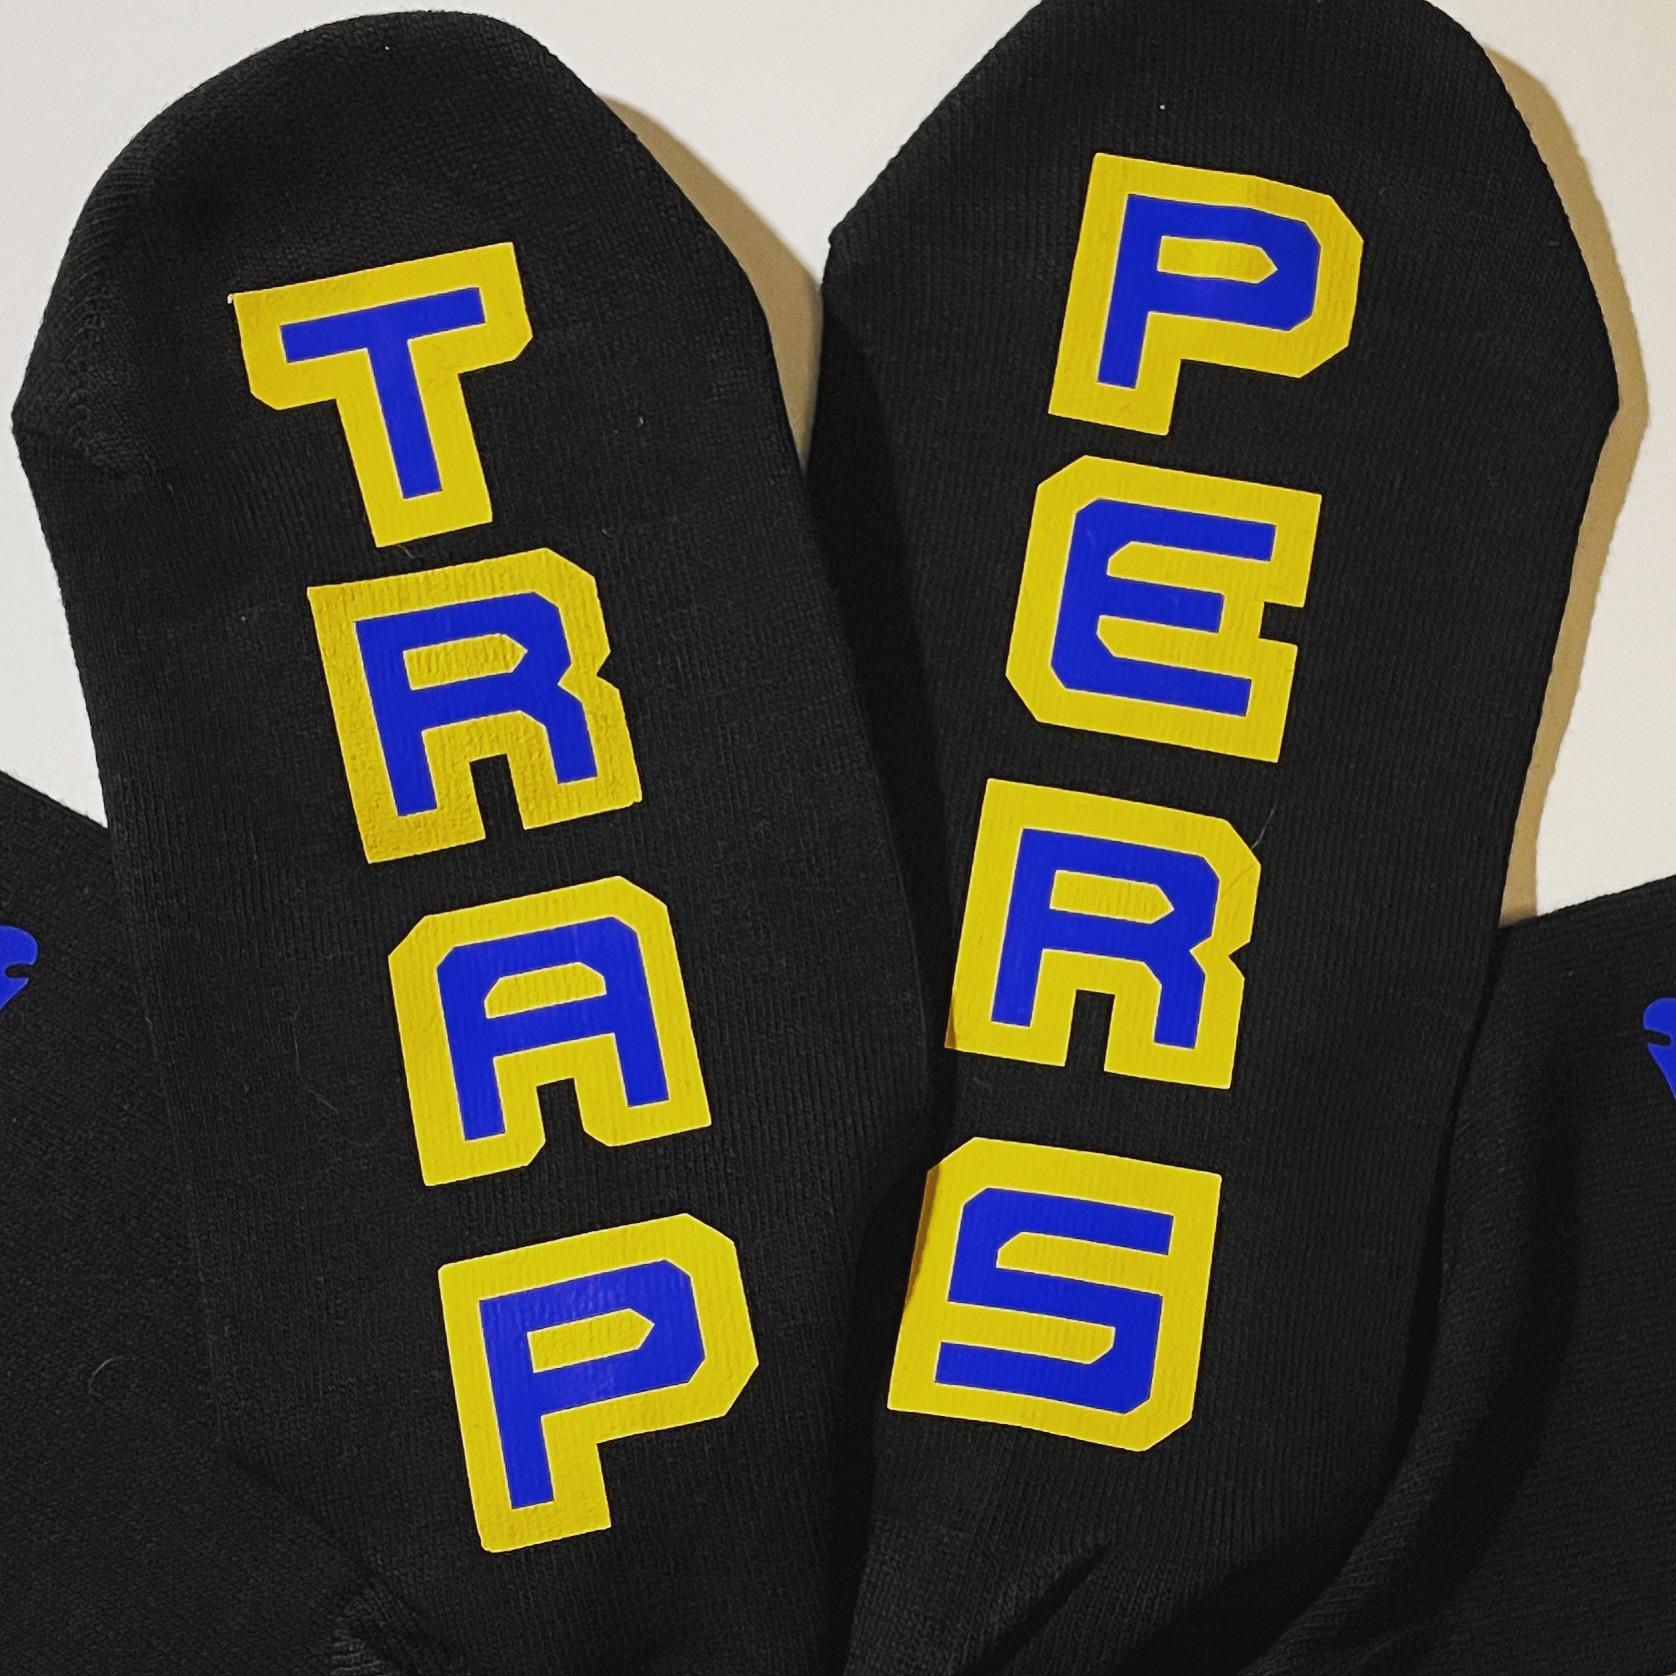 Zwarte sokken met de tekst Trappers